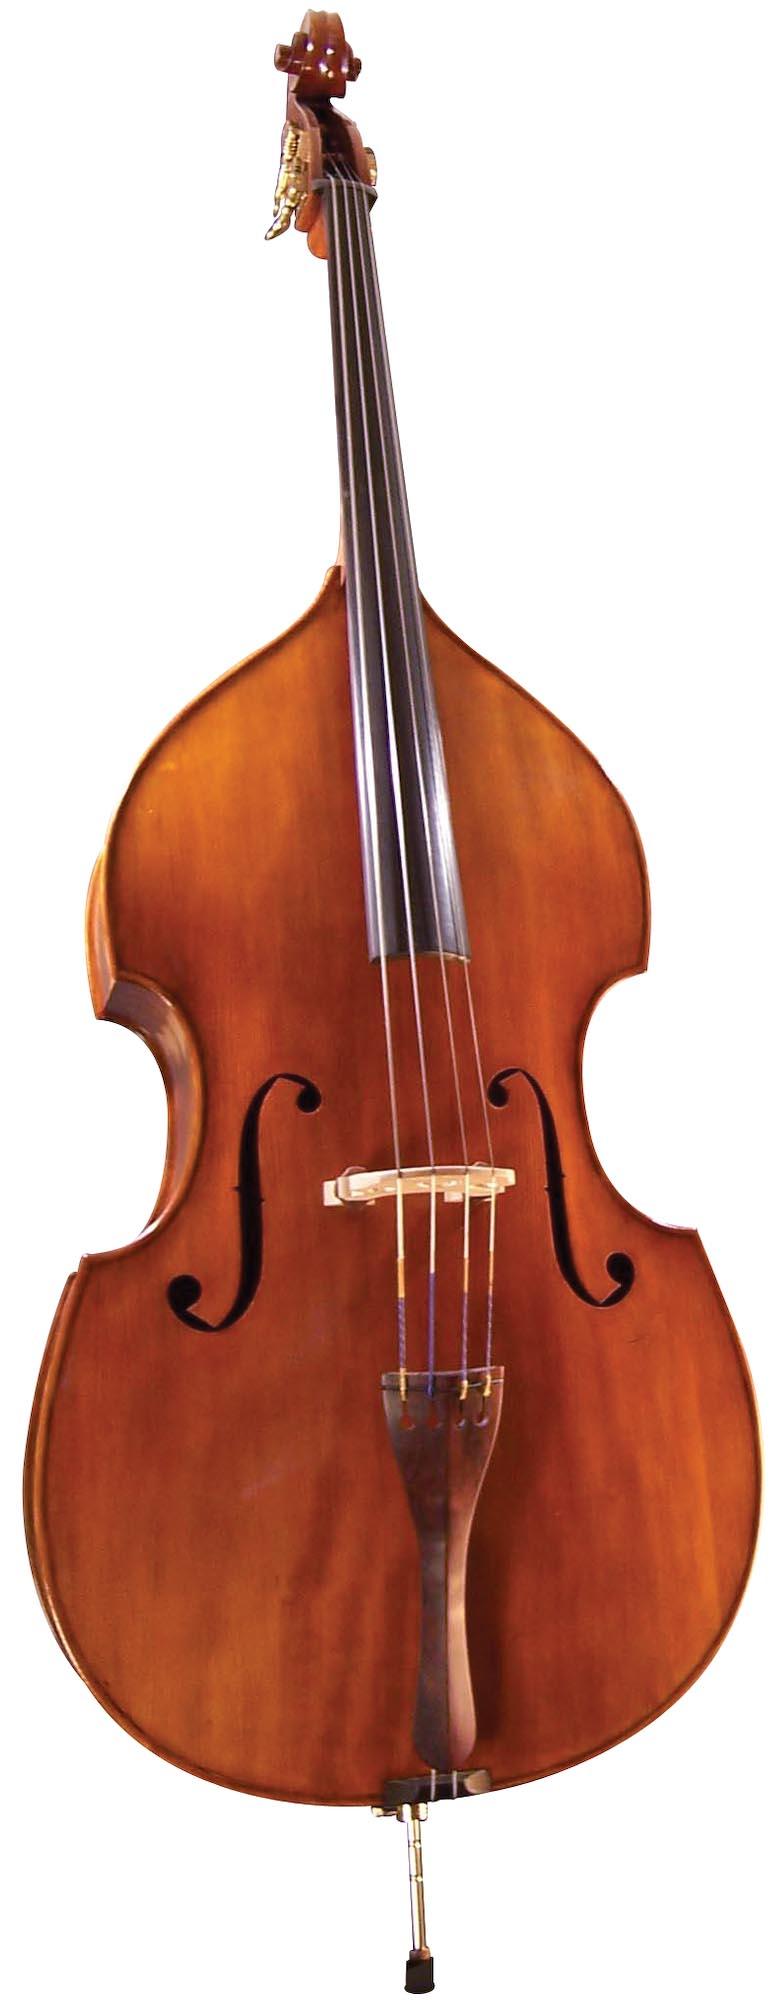 Shen model 200 (Willow) Bass